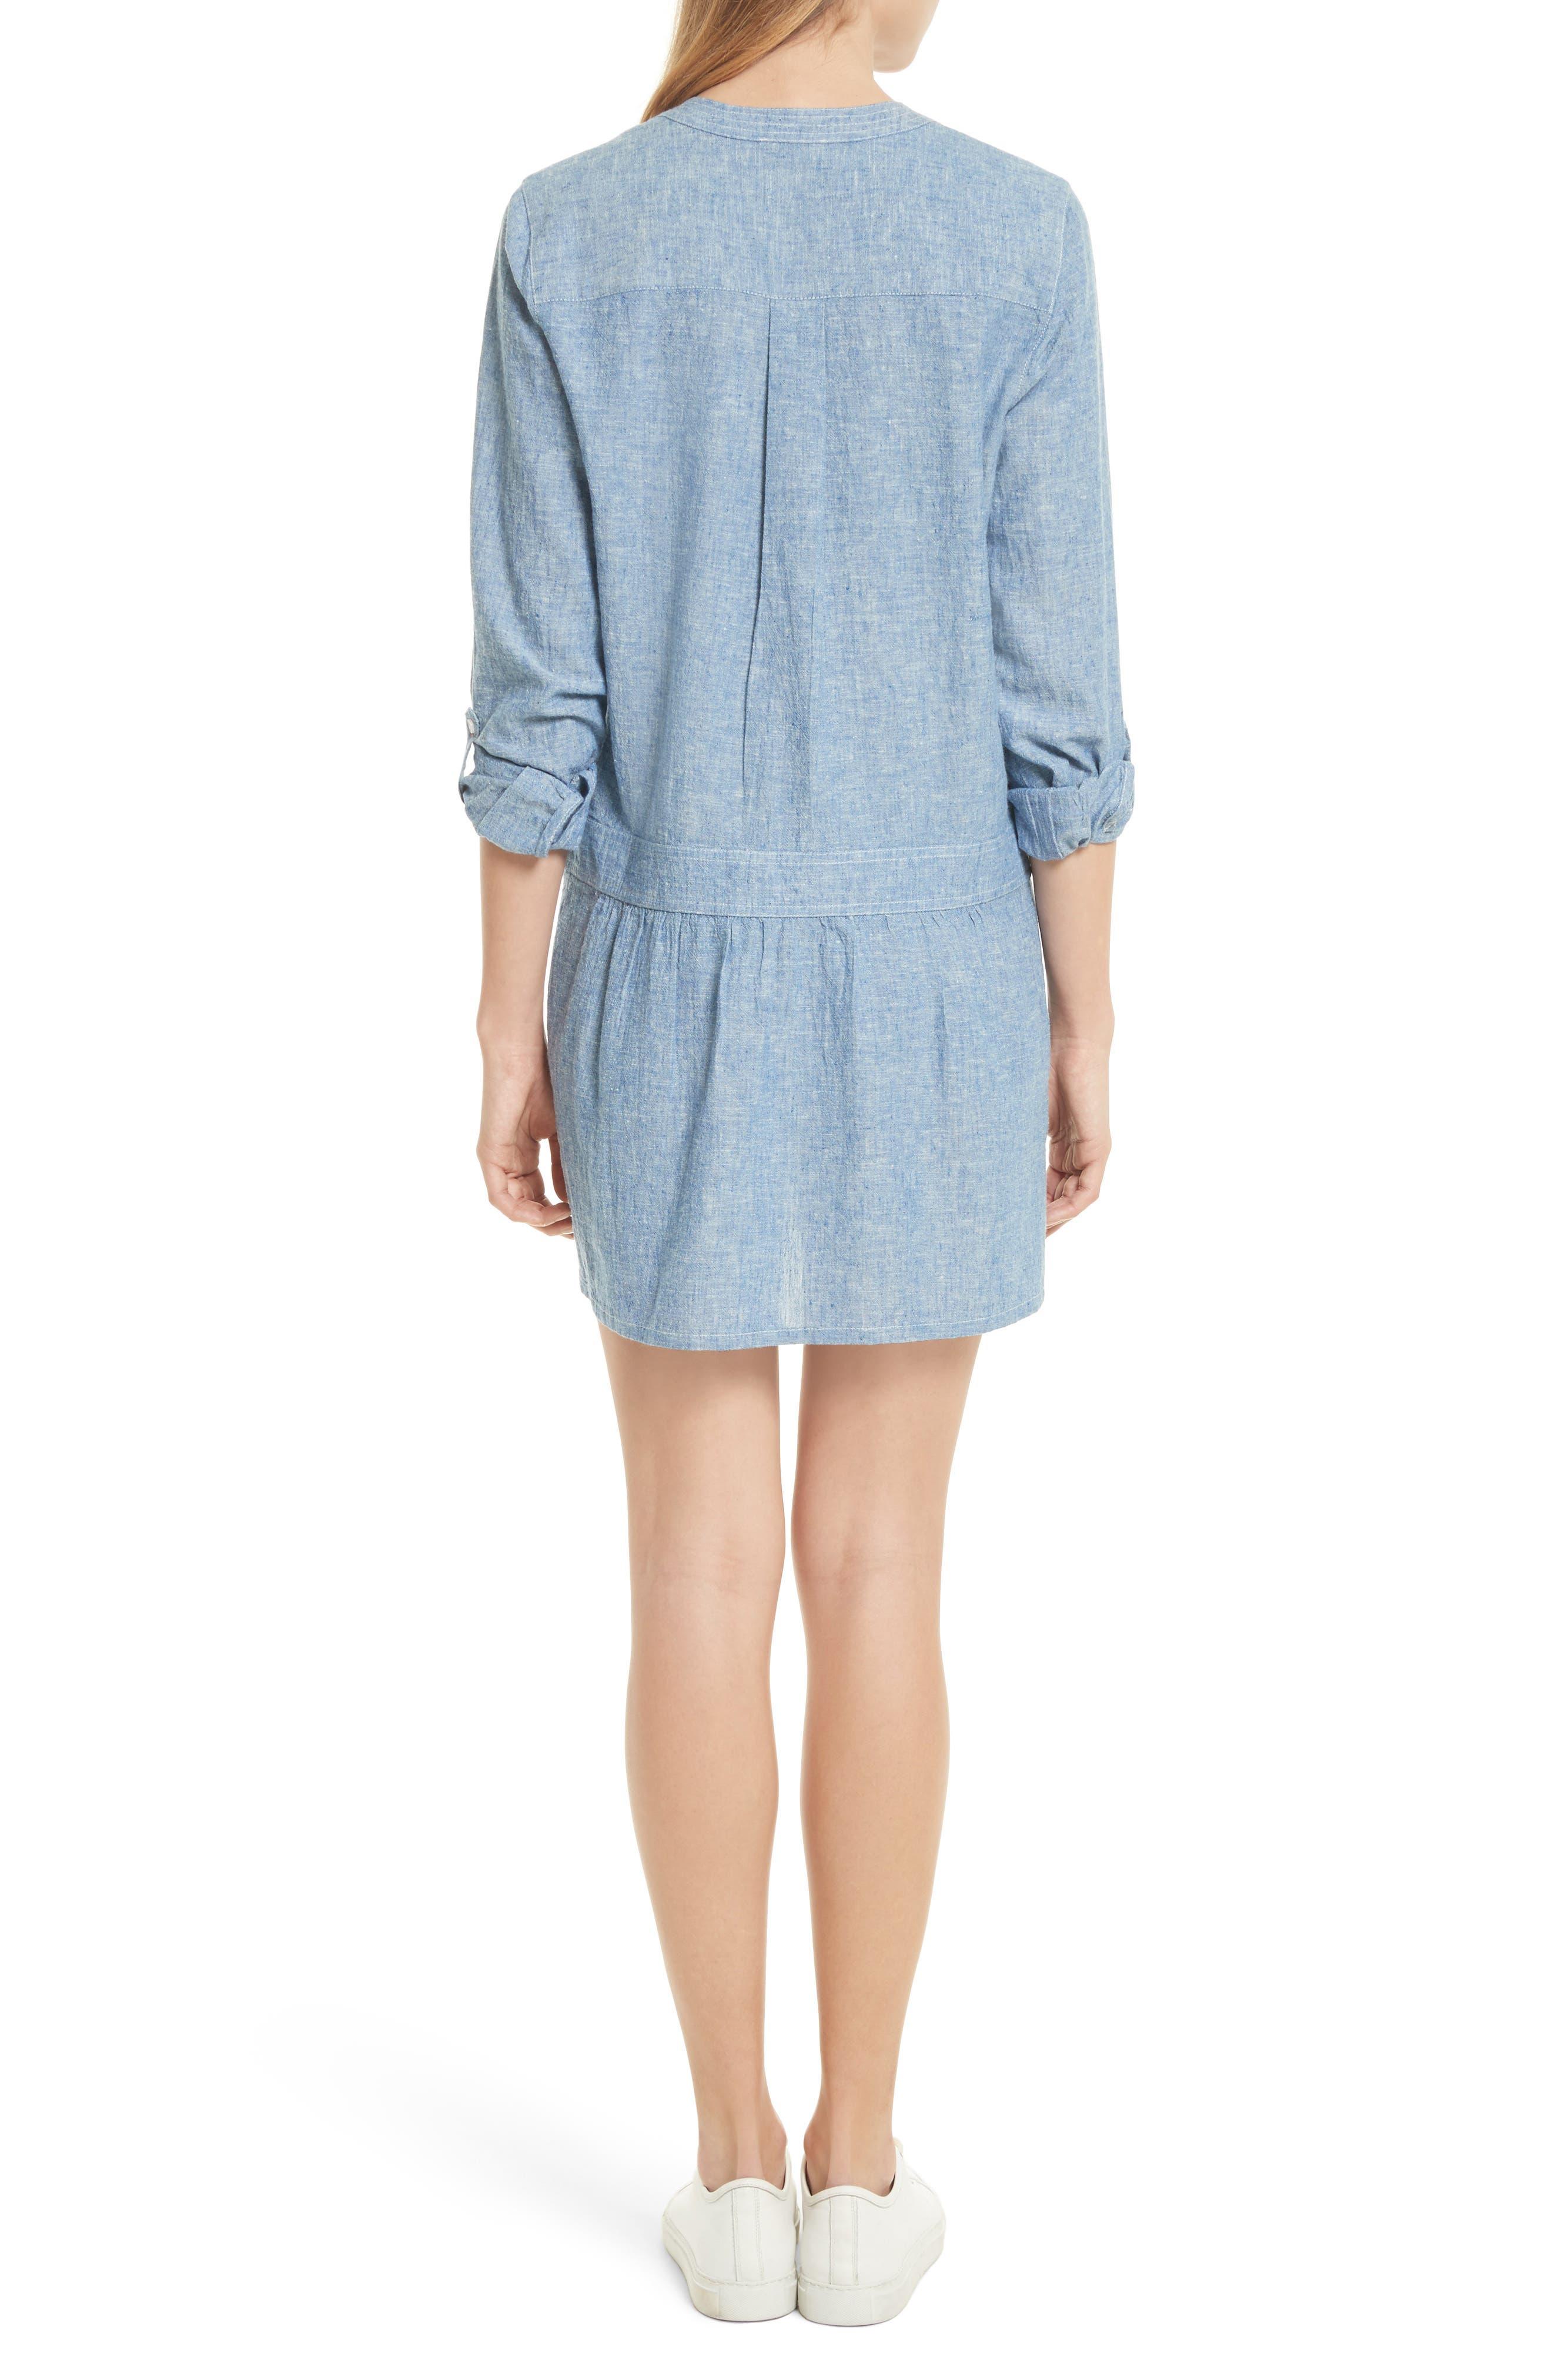 Alternate Image 2  - Soft Joie Amiri Chambray Shirtdress